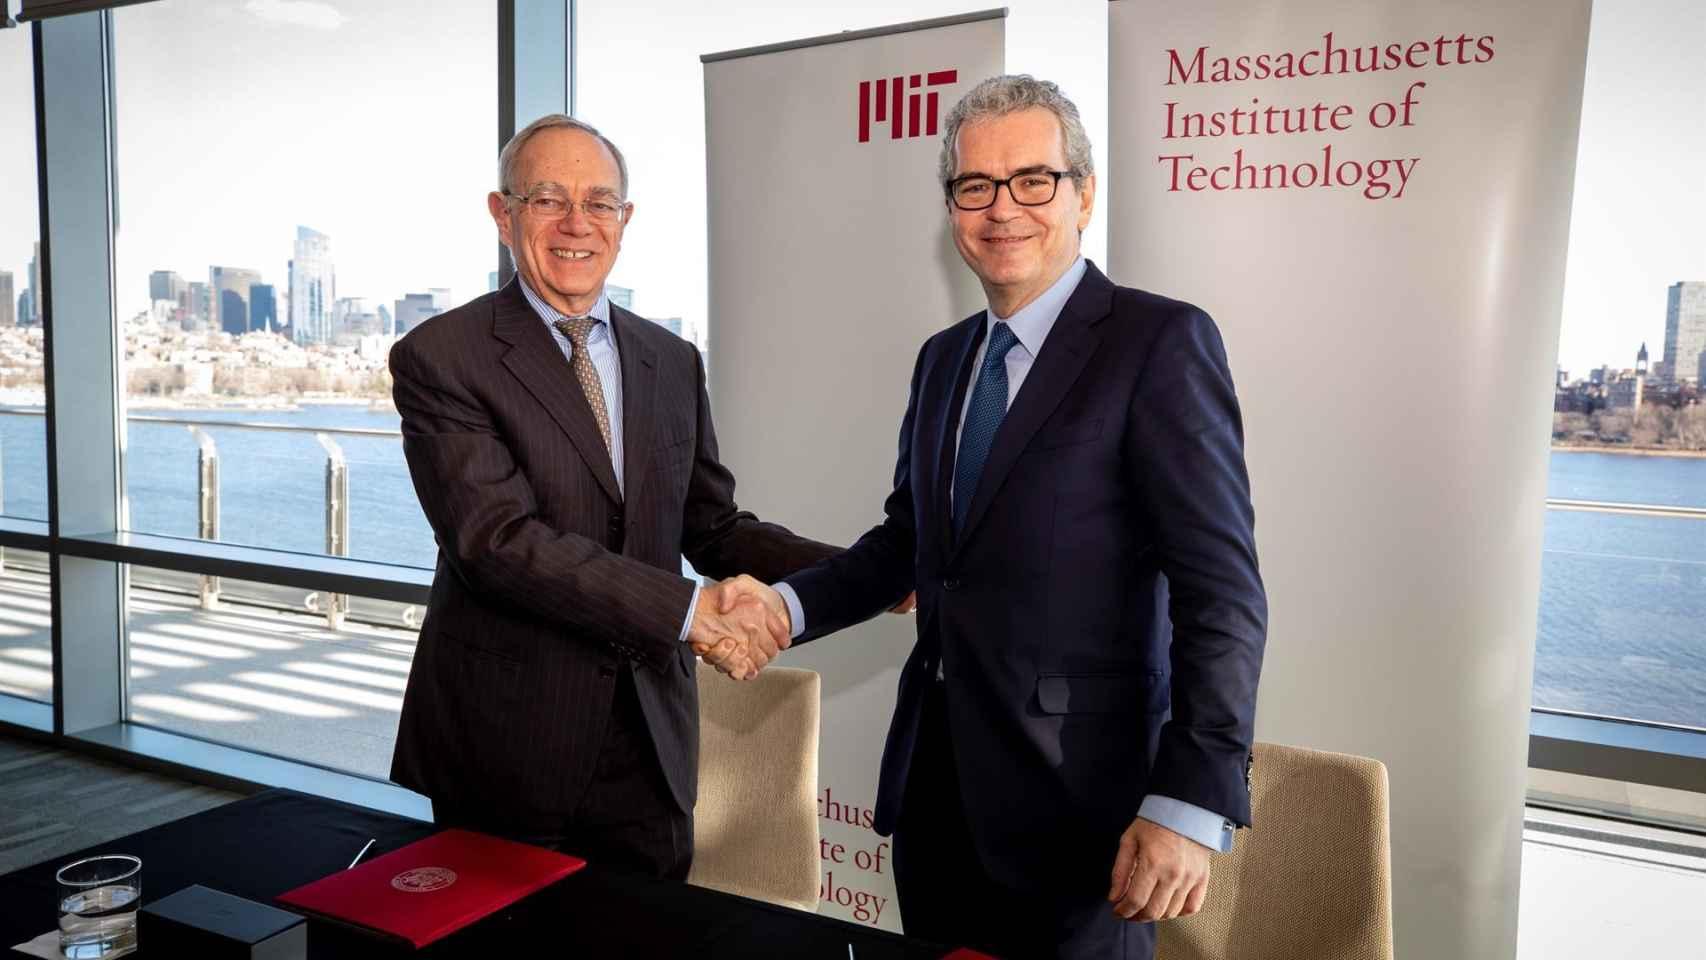 Los presidentes de Inditex y MIT, Pablo Isla y Rafael Reif